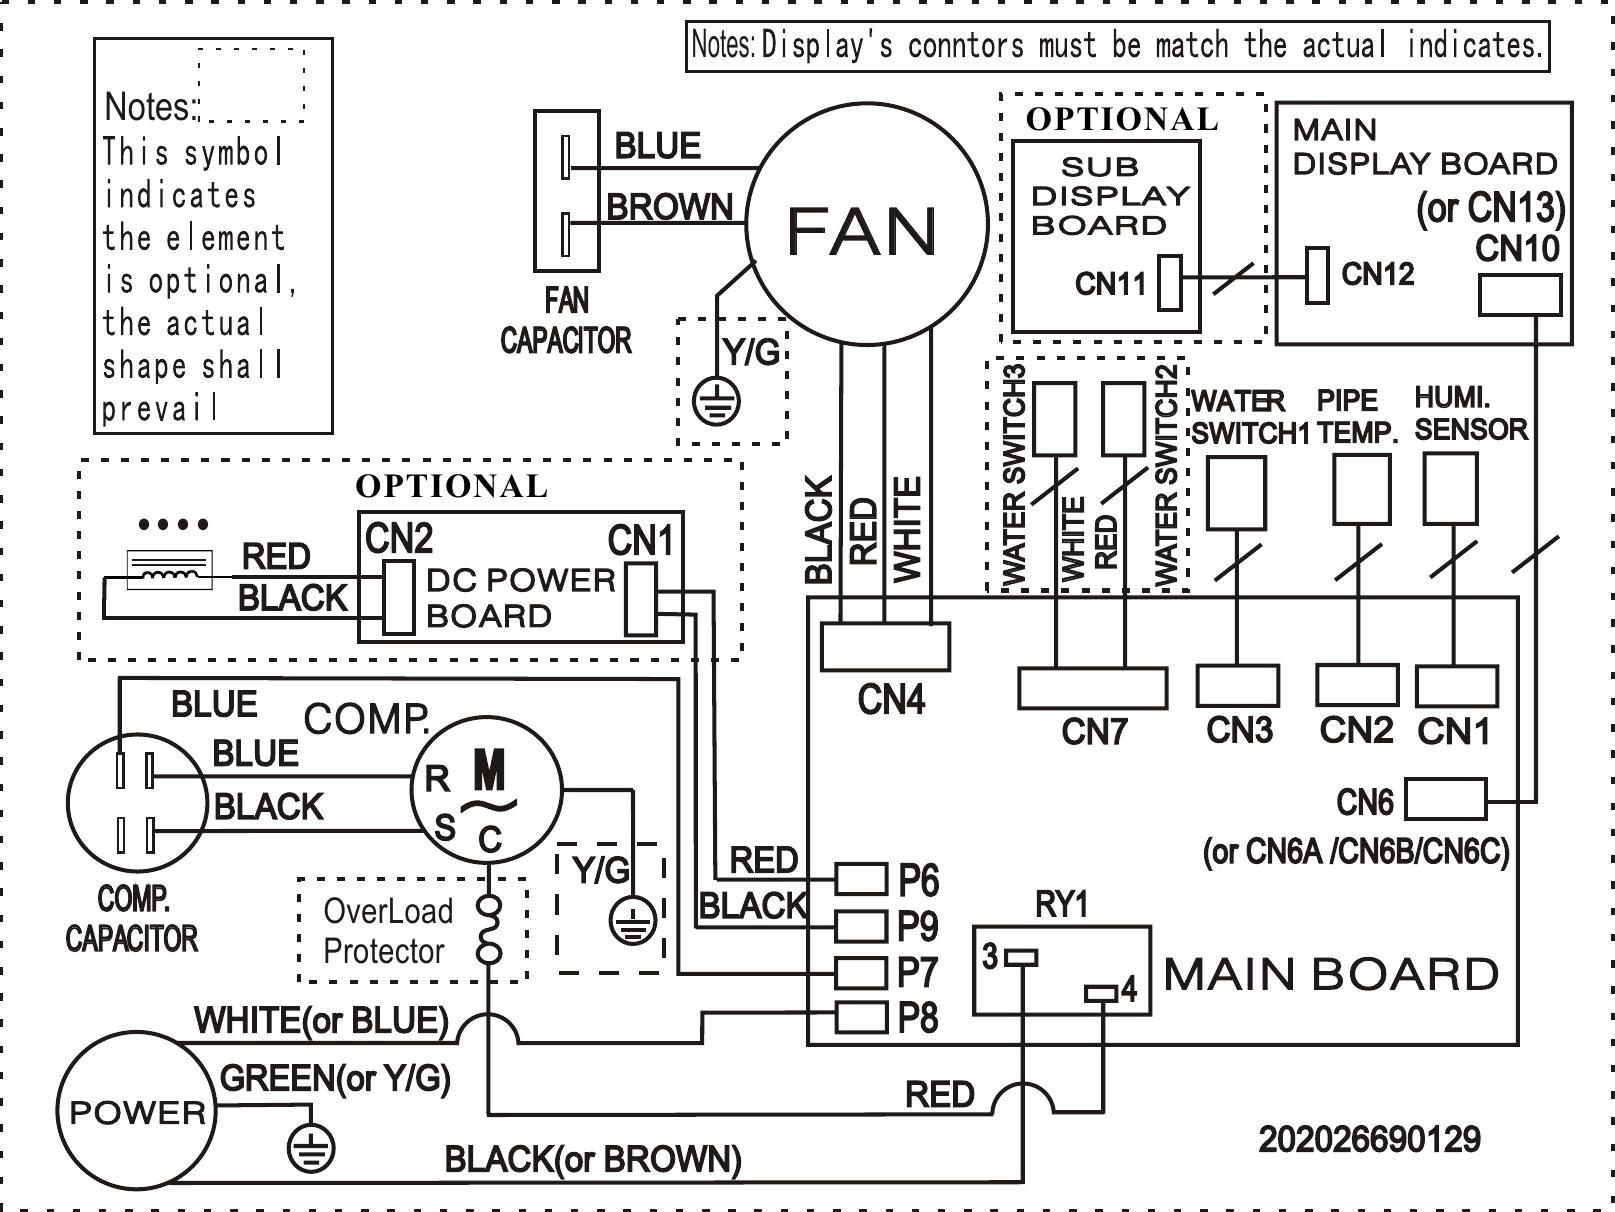 Frigidaire Fad504dwd Wiring Diagram Elus Cfz1 0bd N1 Fa D